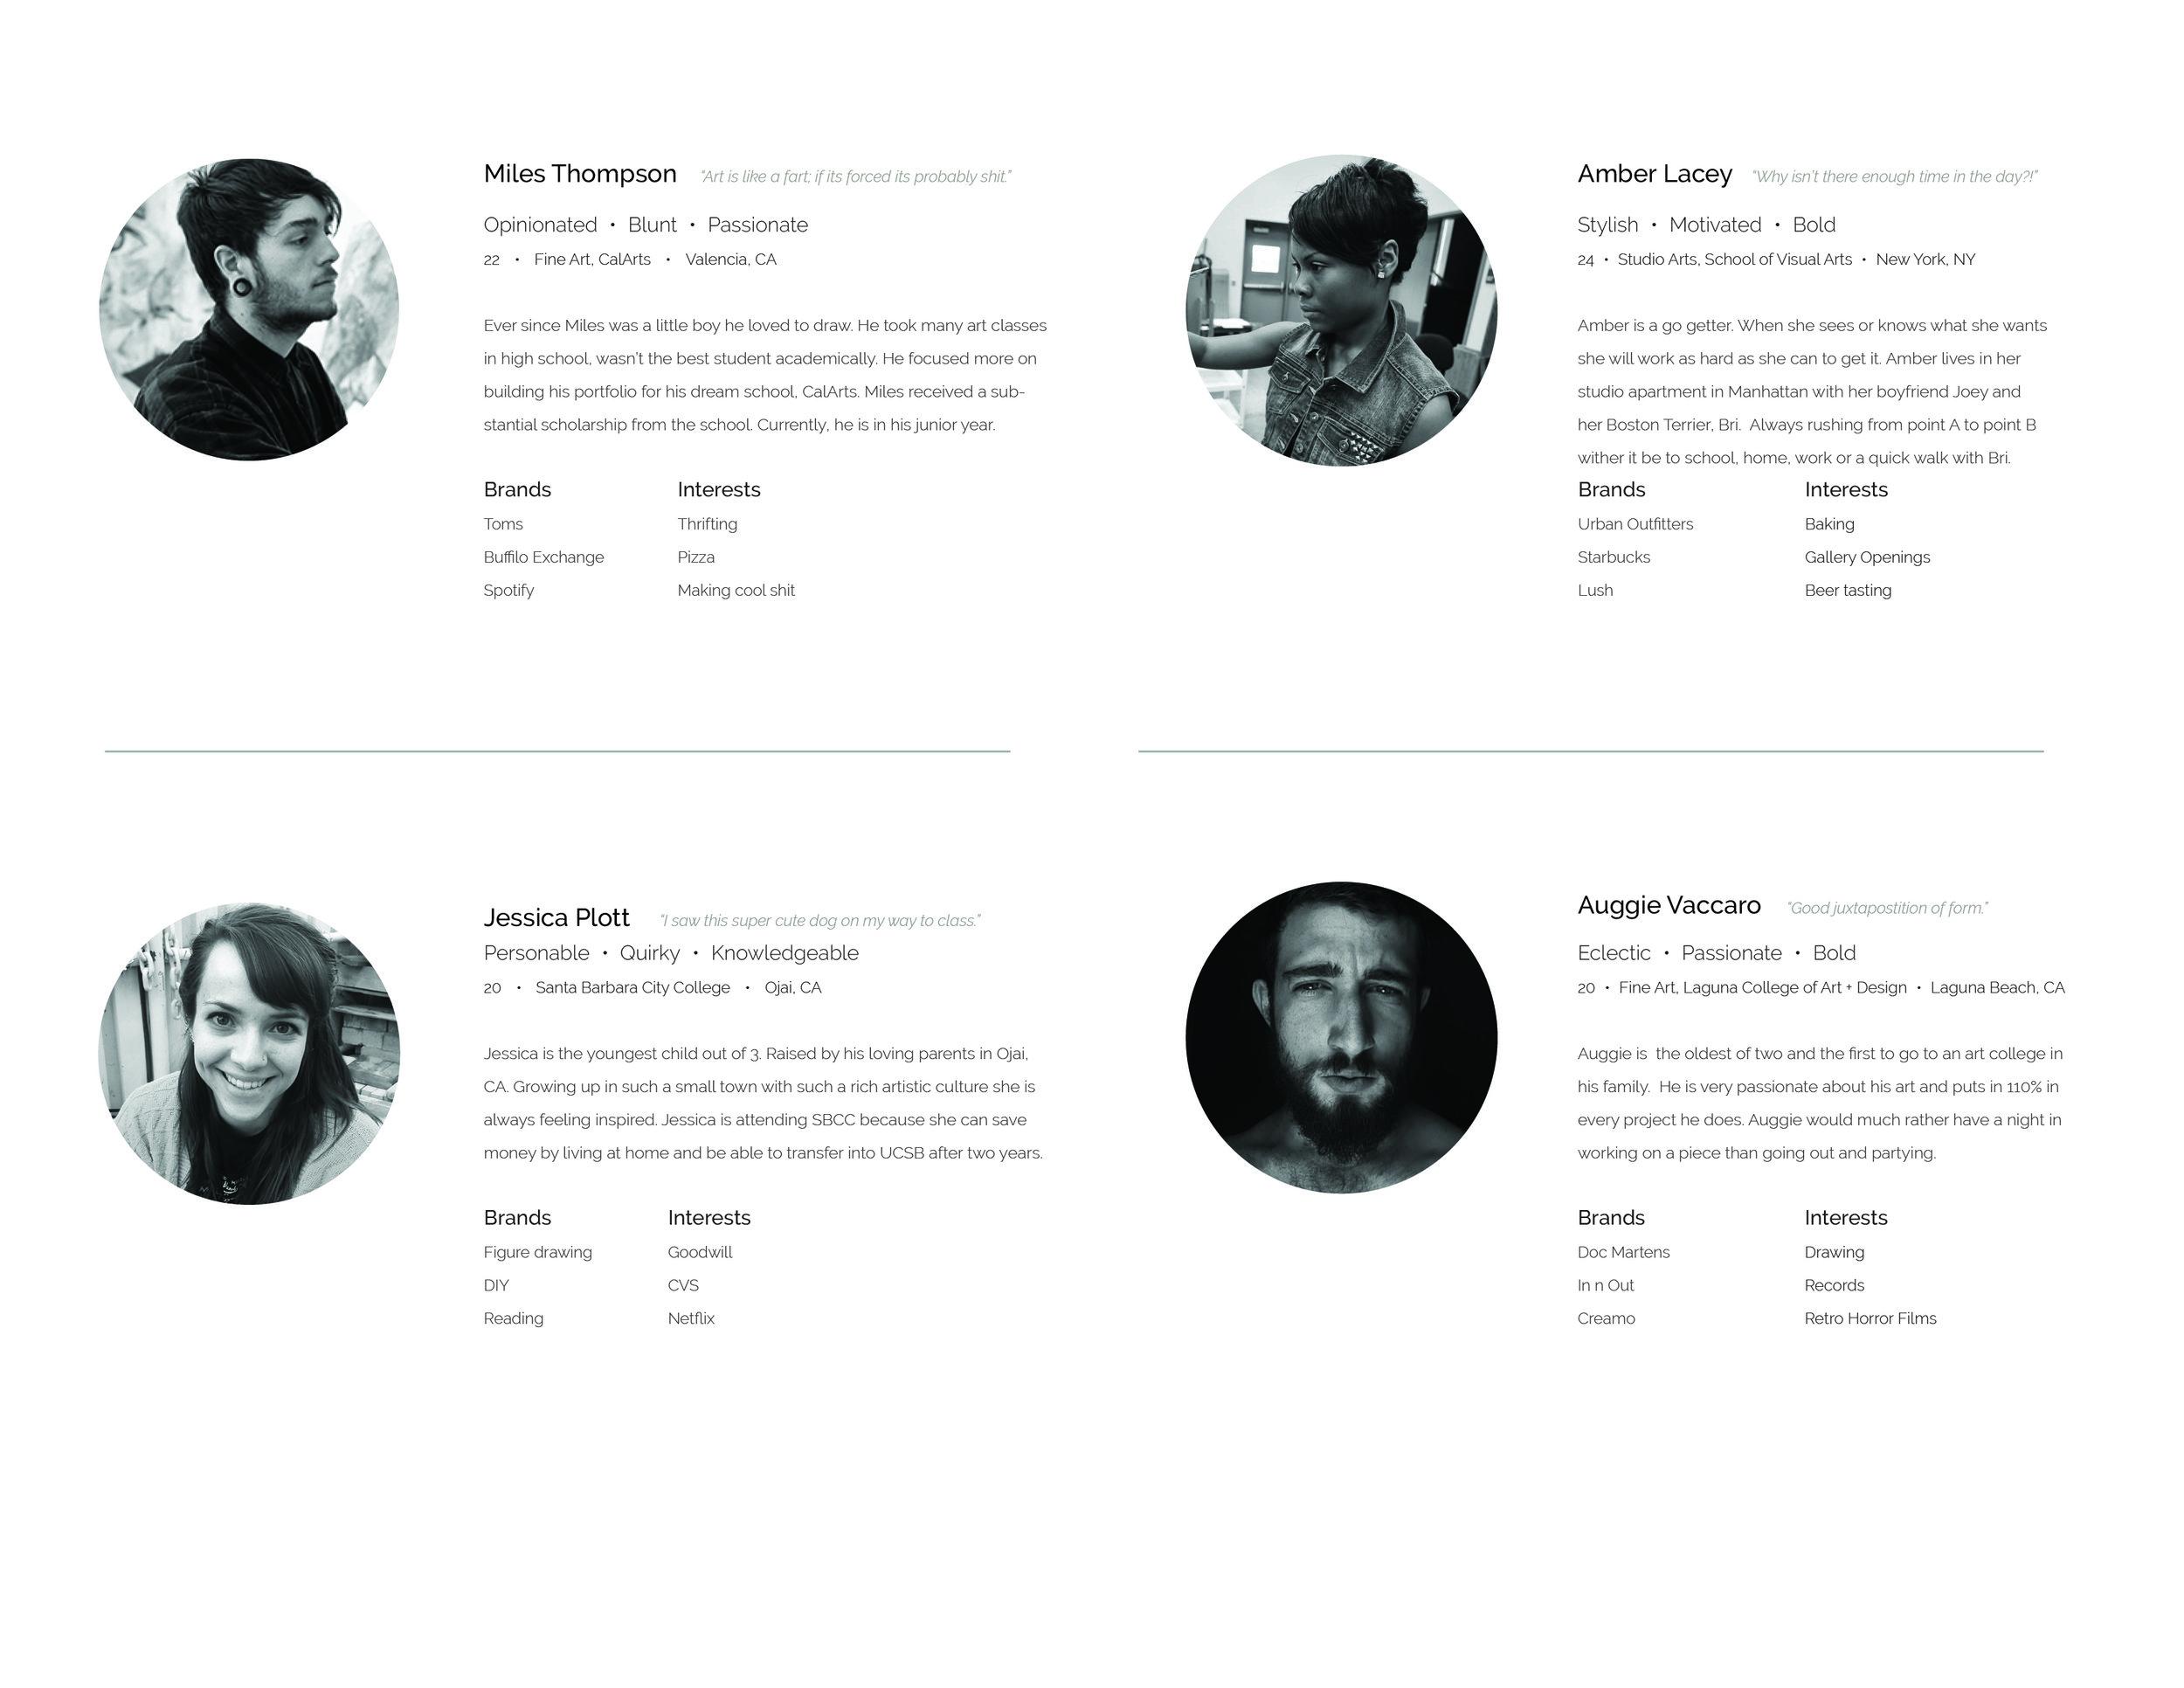 Persona Profiles